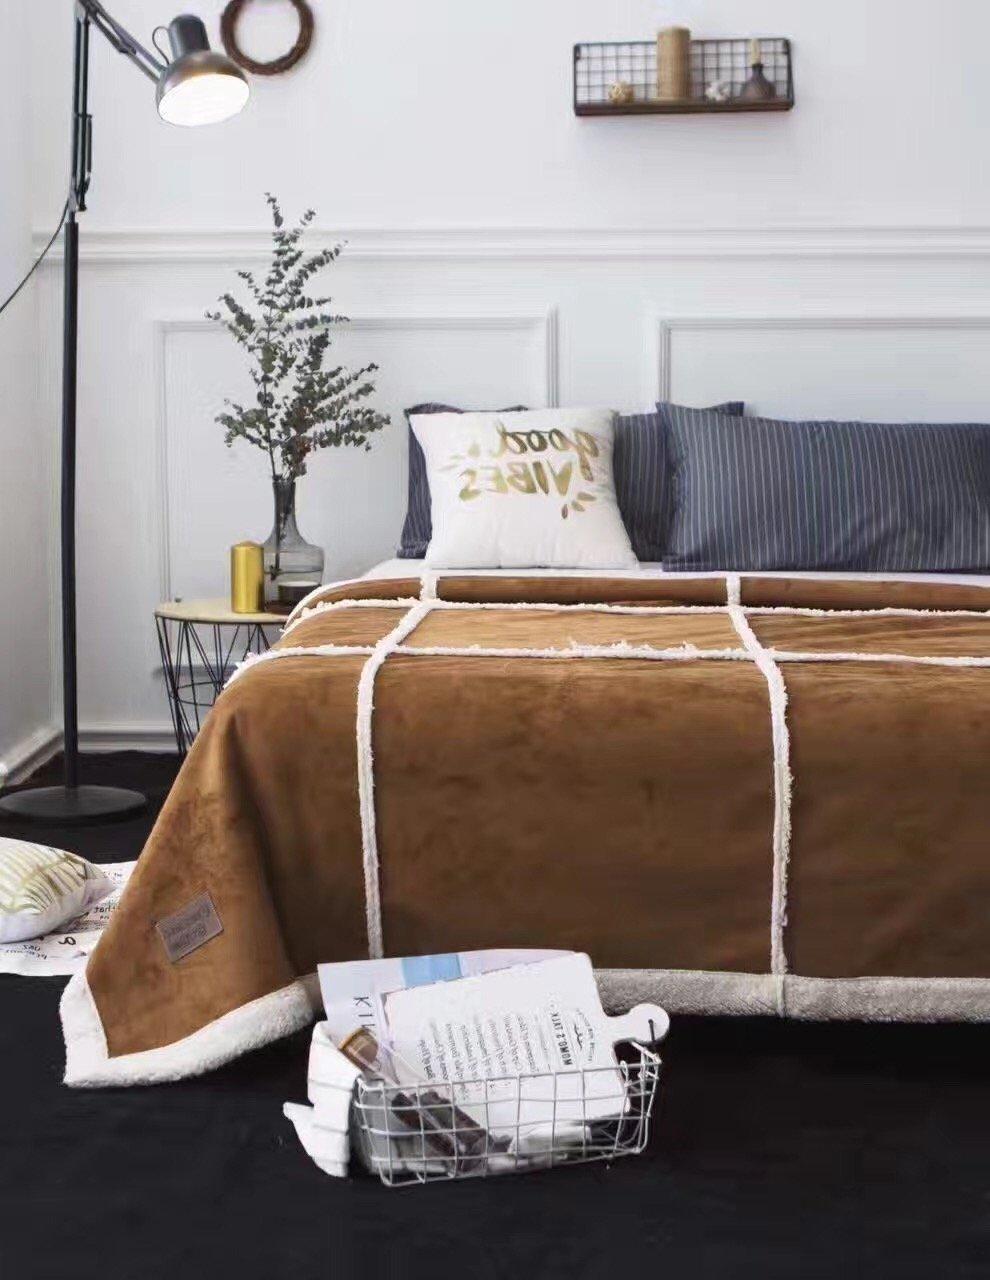 パッチワークスロー毛布フリース毛布高級スエードファブリックソリッドforベッドソファソファースーパーソフトCozyベルベットPlush Throw Blanket、秋冬暖かいブランケットby fashionstreets 145x195cm(57.1